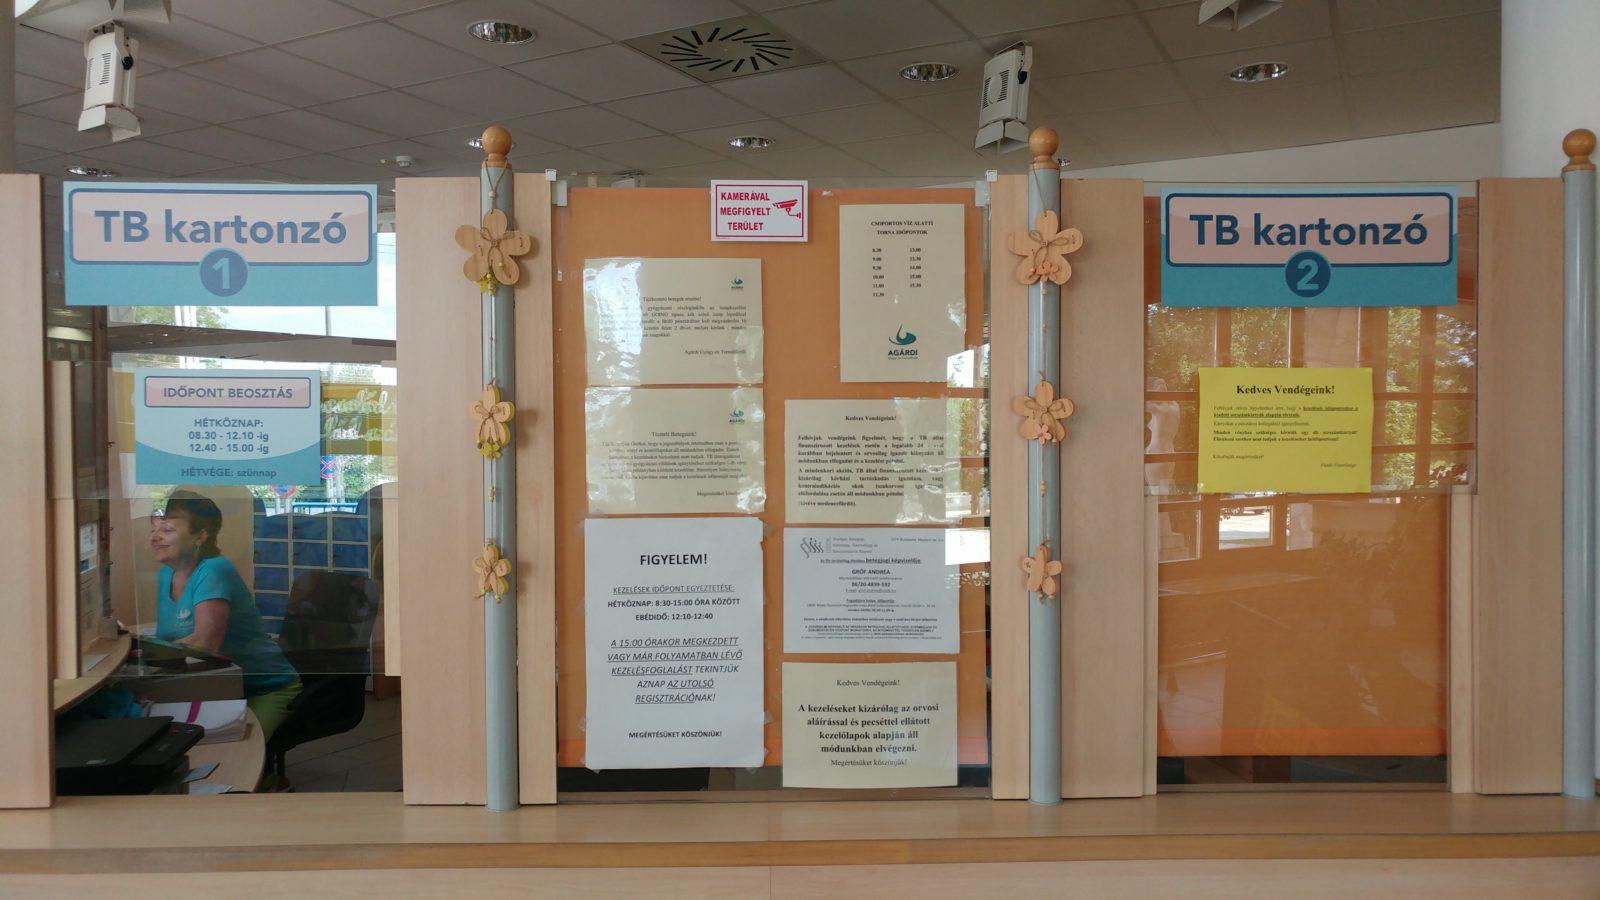 TB kartonozó átmeneti nyitvatartás változás!